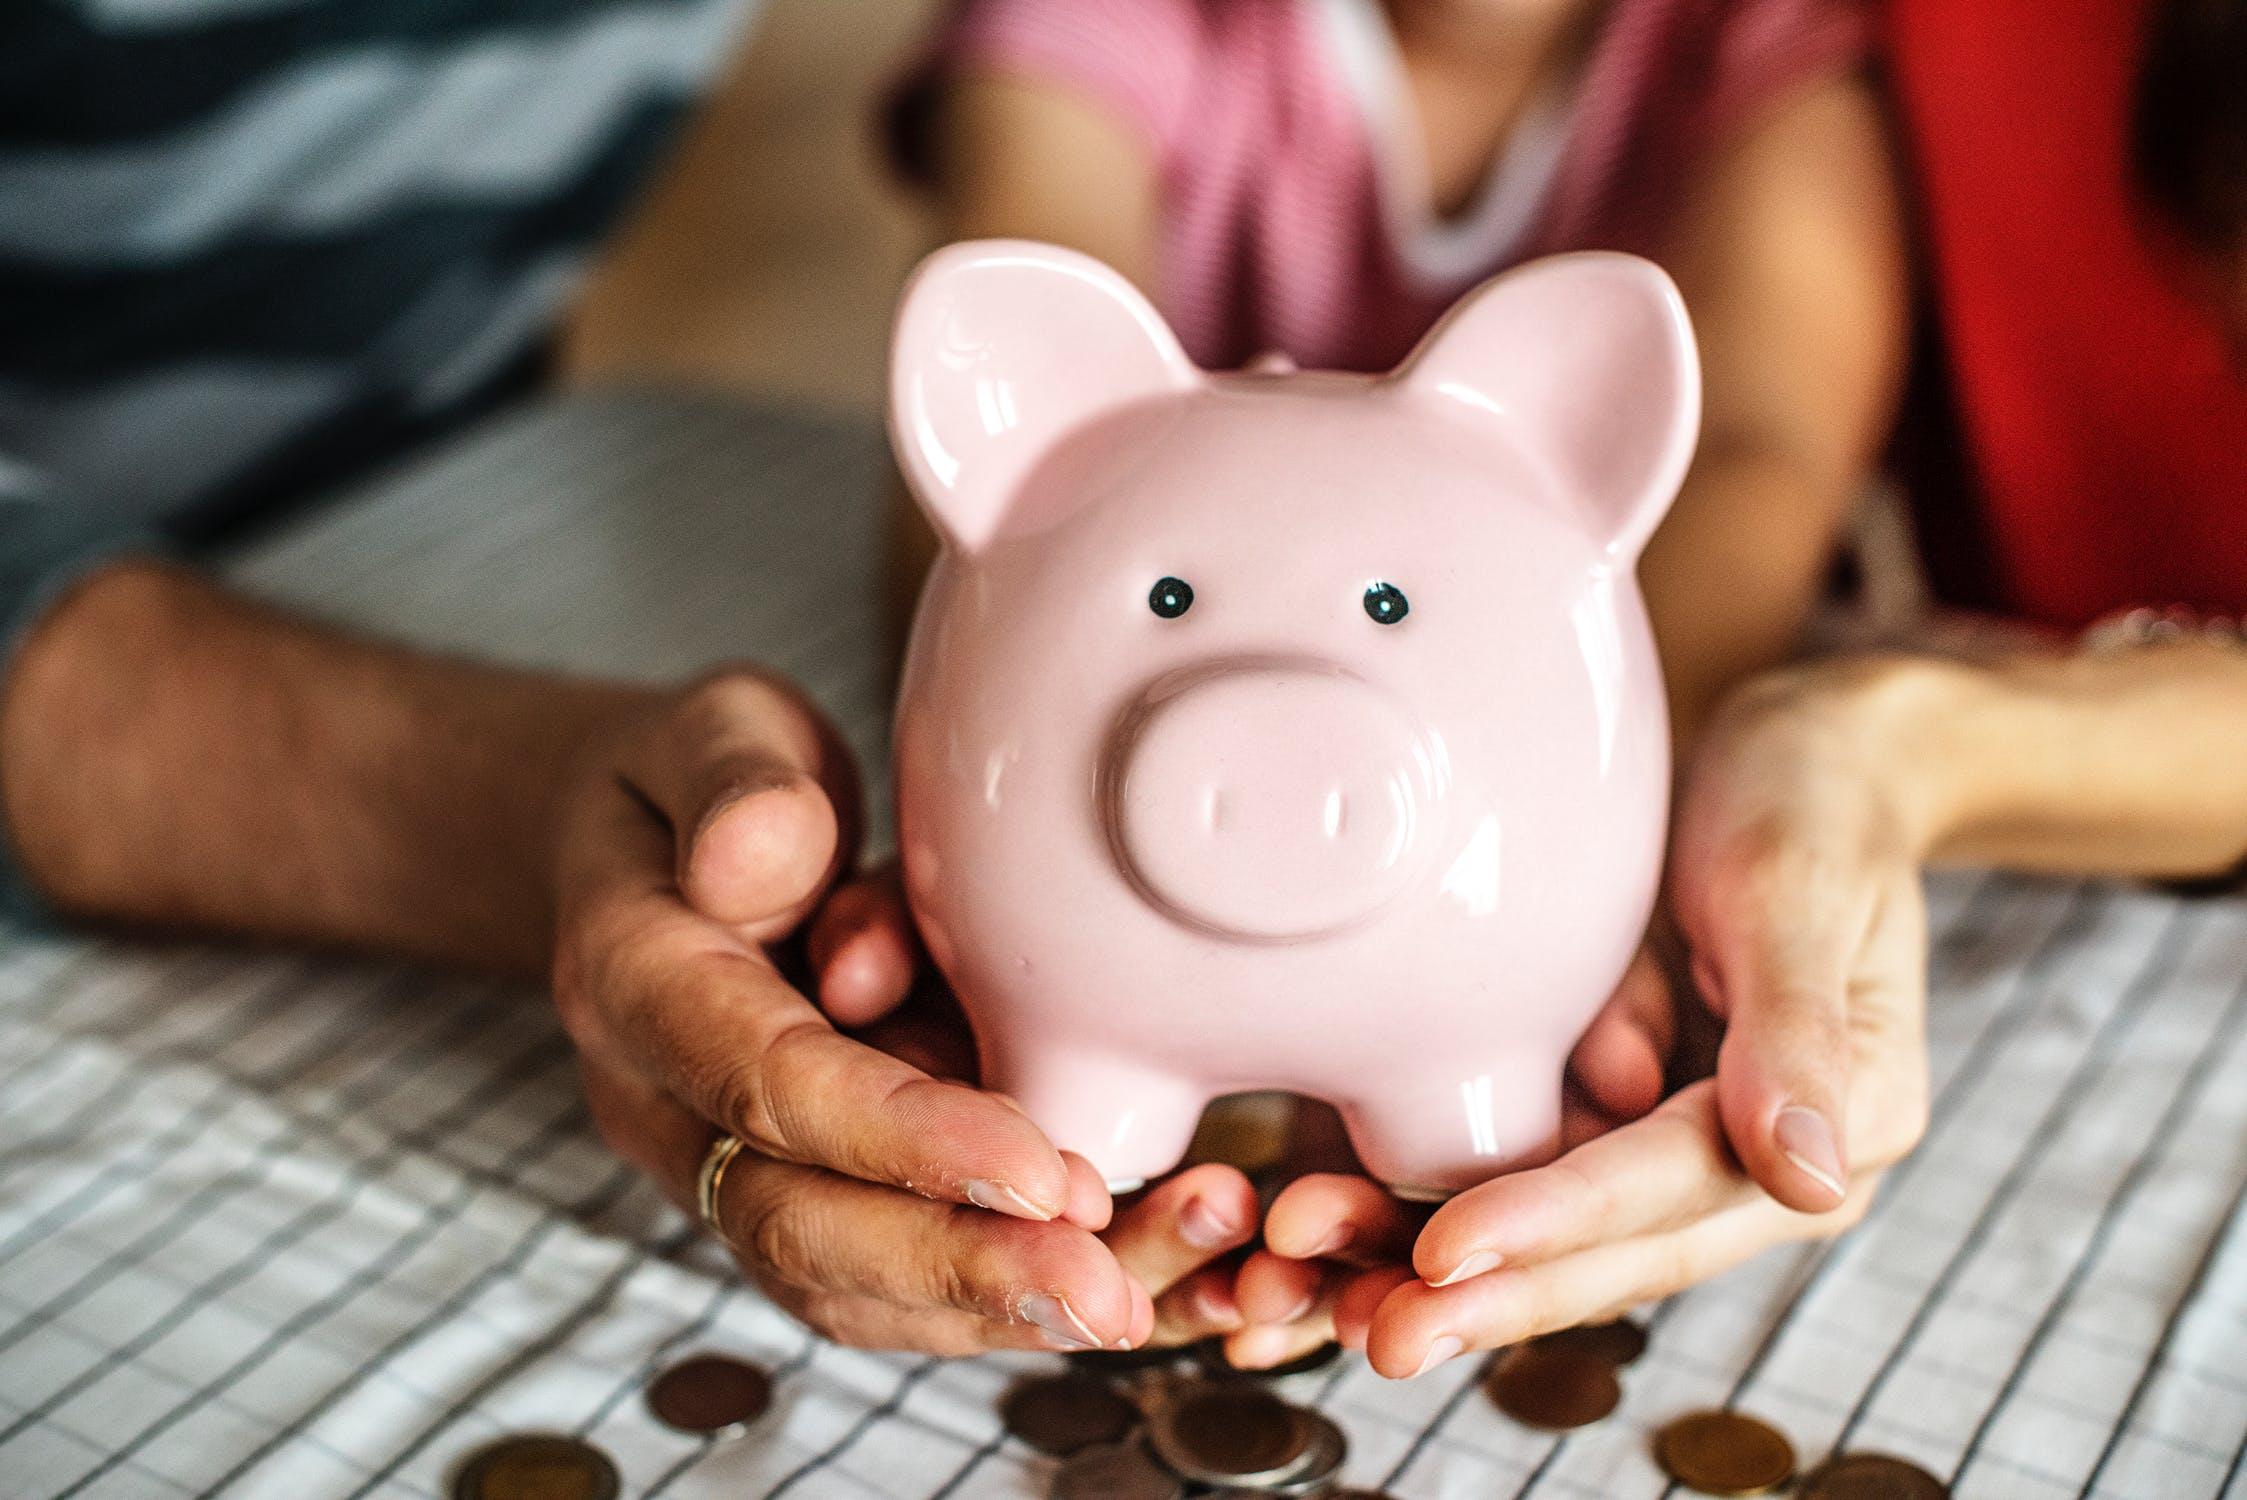 Ienākumi par video internetā: labākie veidi, kā pelnīt naudu bez investīcijām